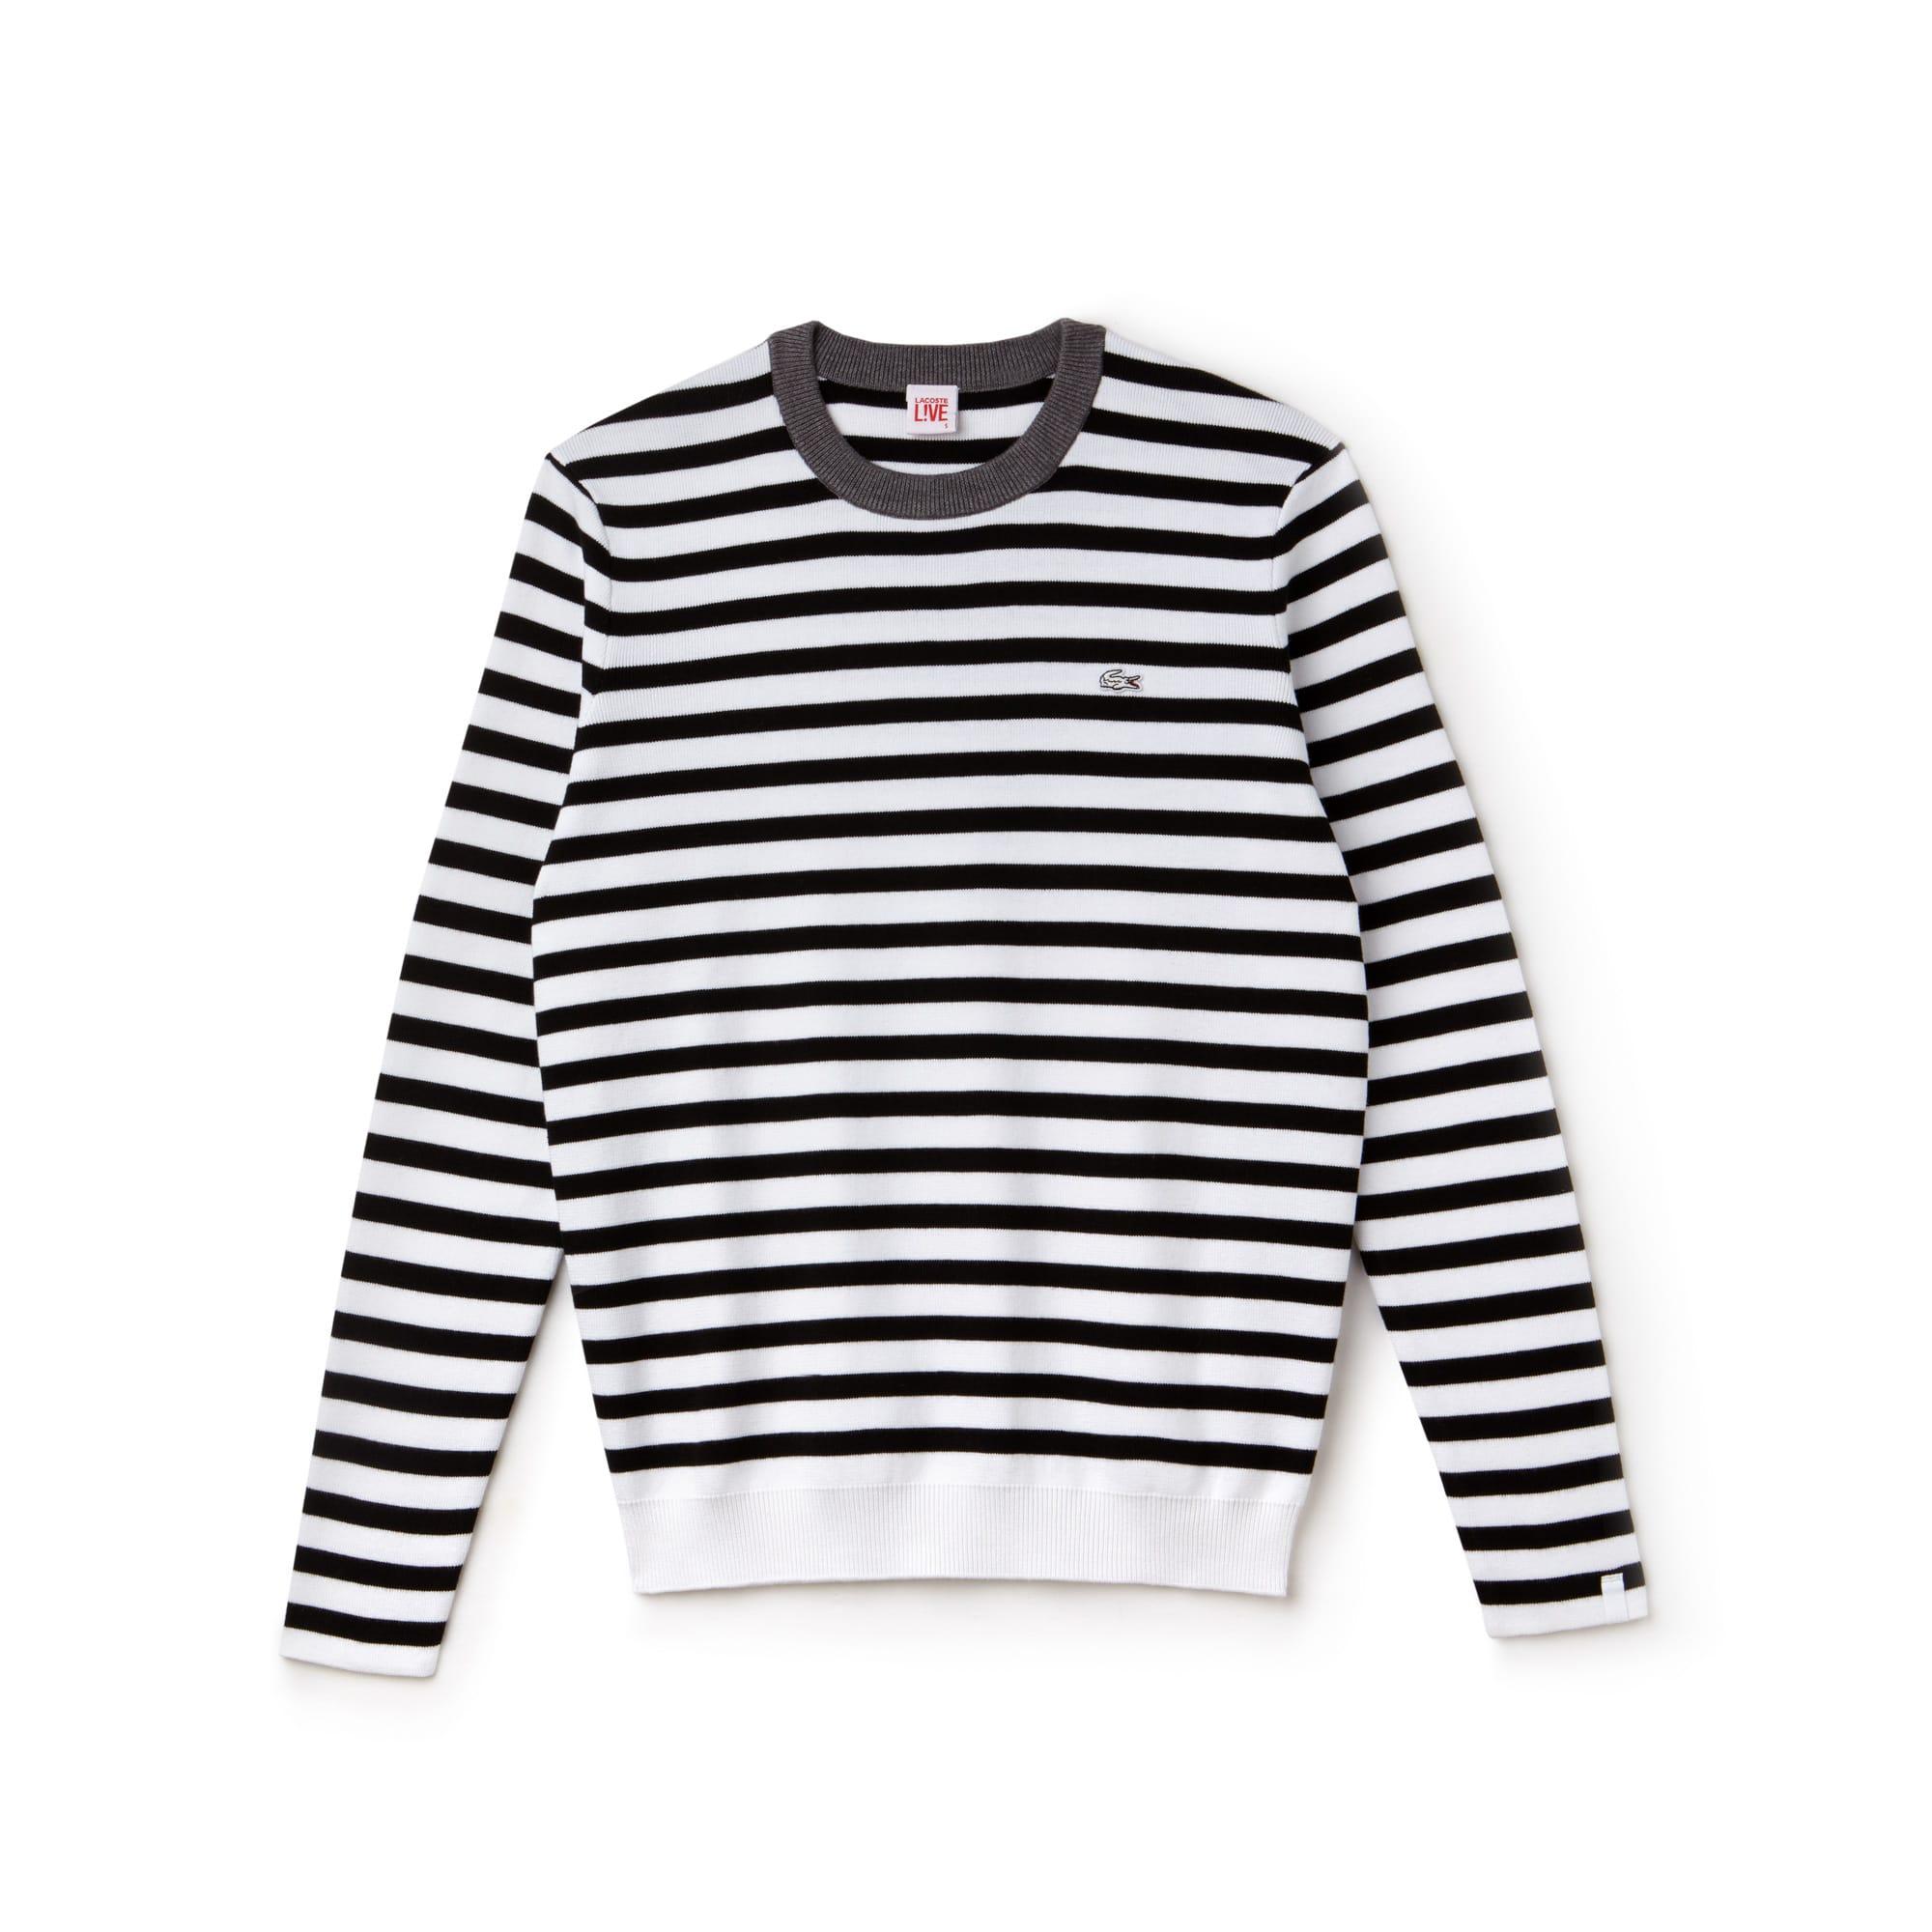 Pullover a girocollo Lacoste LIVE in jersey di cotone a righe